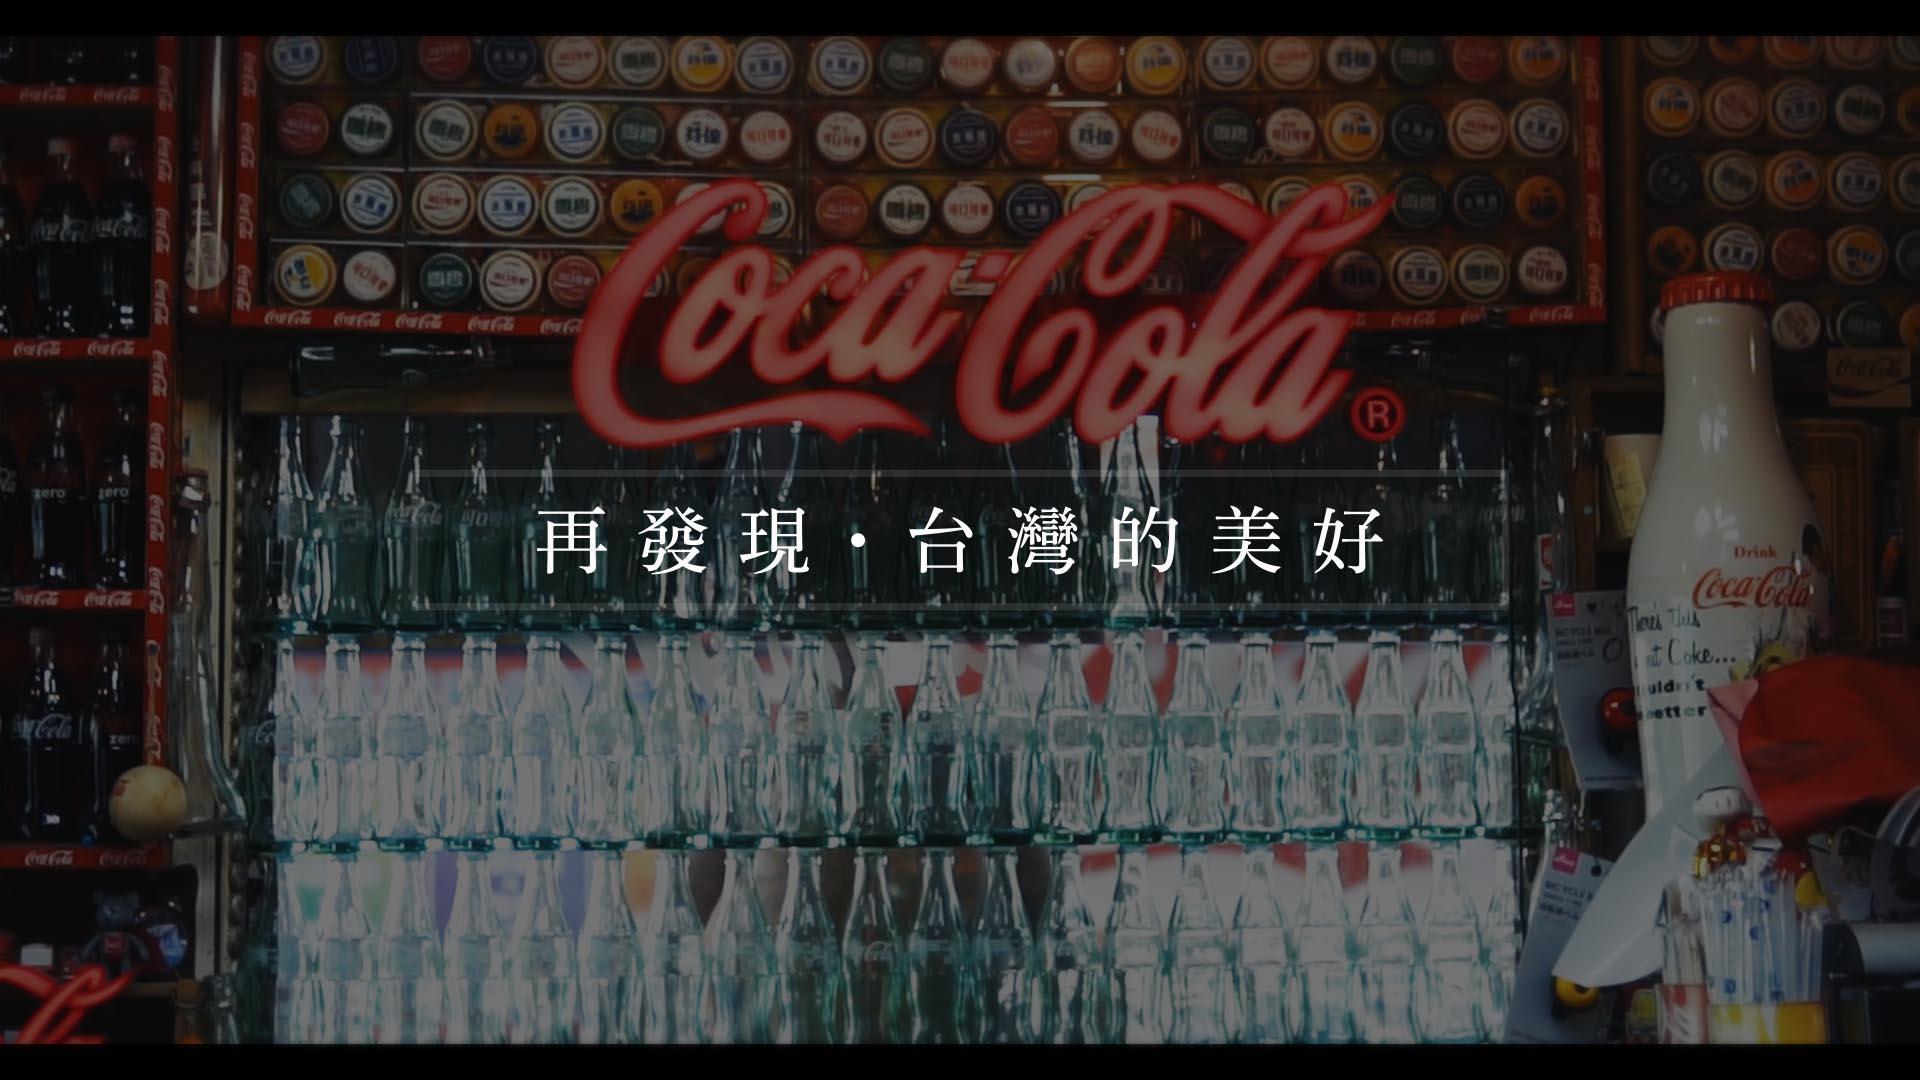 【再發現.台灣的美好】嘉義「可樂洗車場」洗車之外還有萬件收藏,瘋狂到美國總部邀請進入「可口可樂名人堂」! | Bella Taiwan